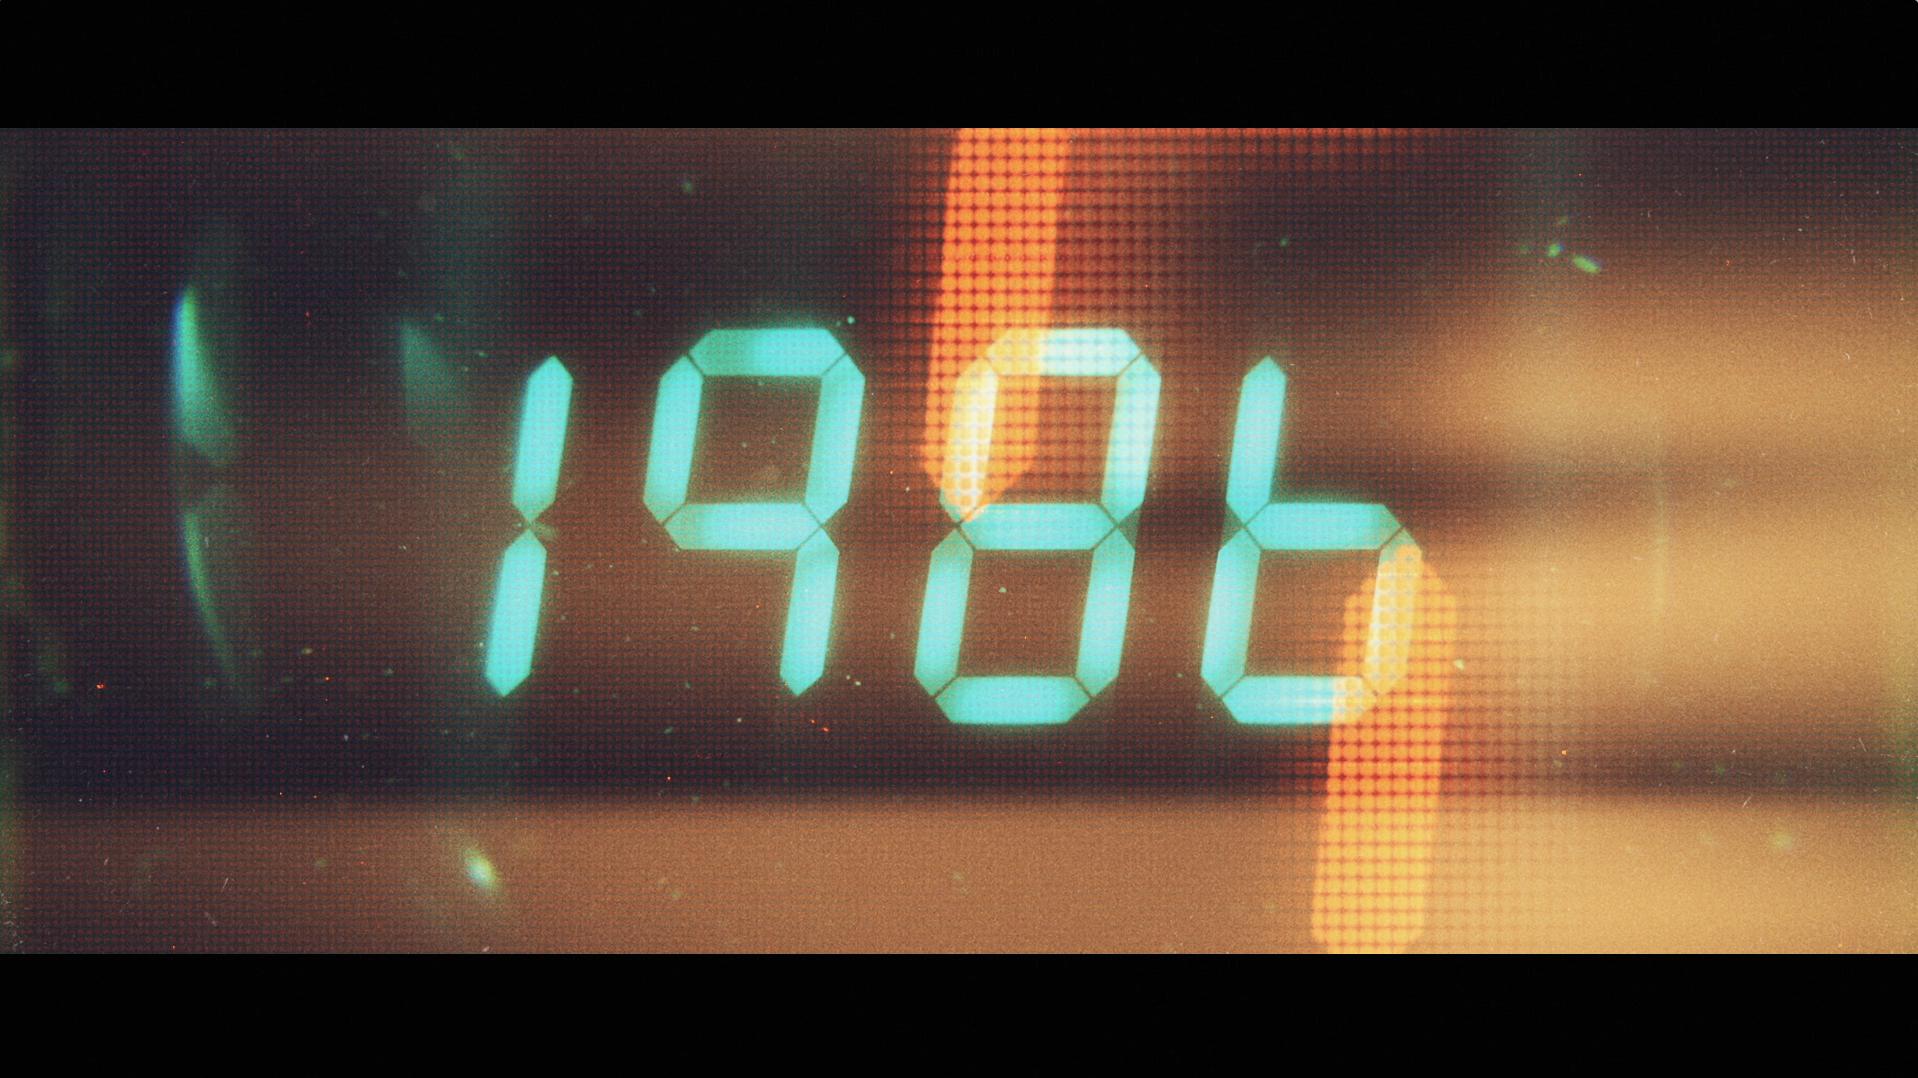 Screen Shot 2015-06-18 at 5.01.05 PM.png